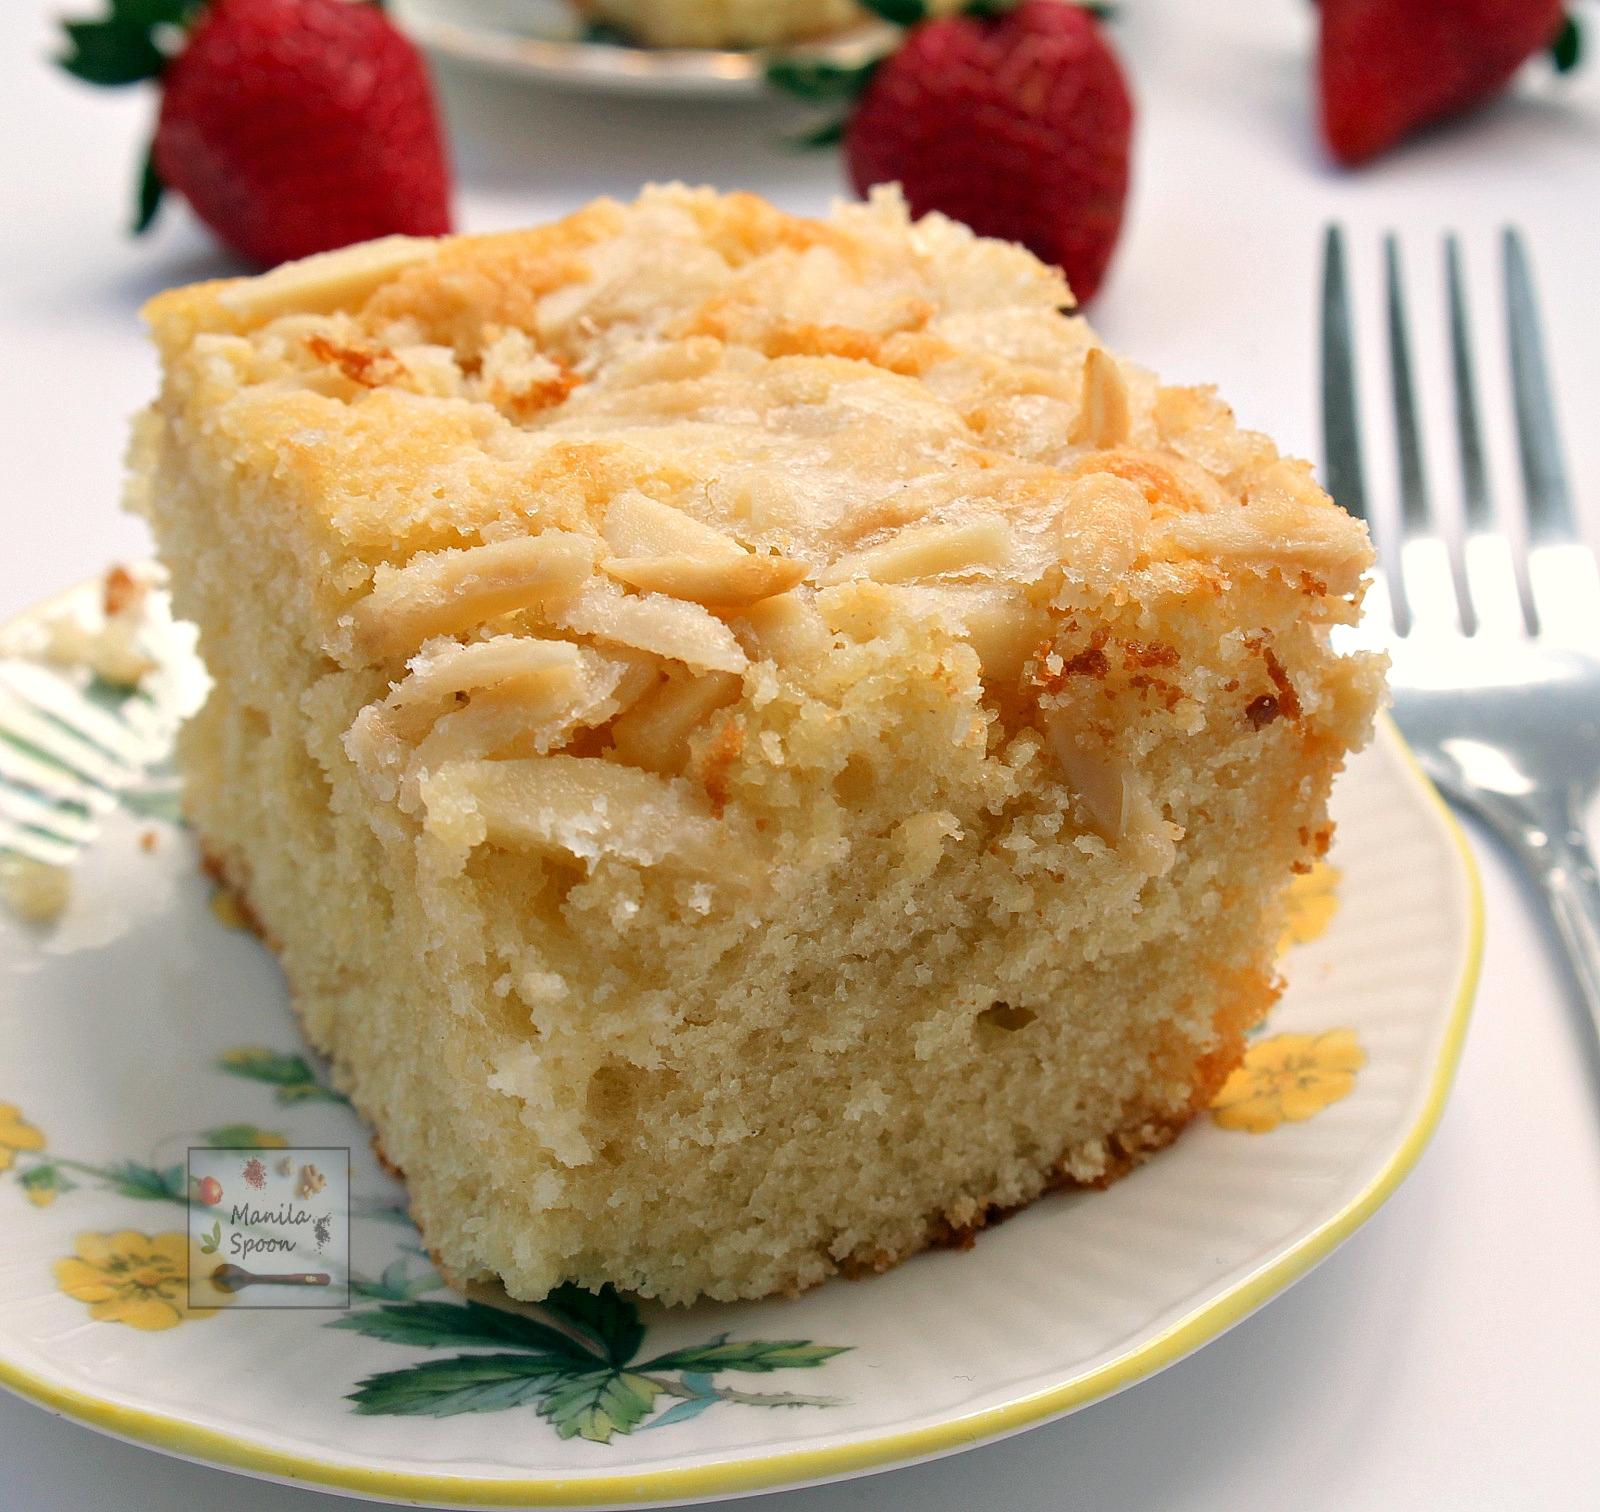 Scrumptious Butter Cake